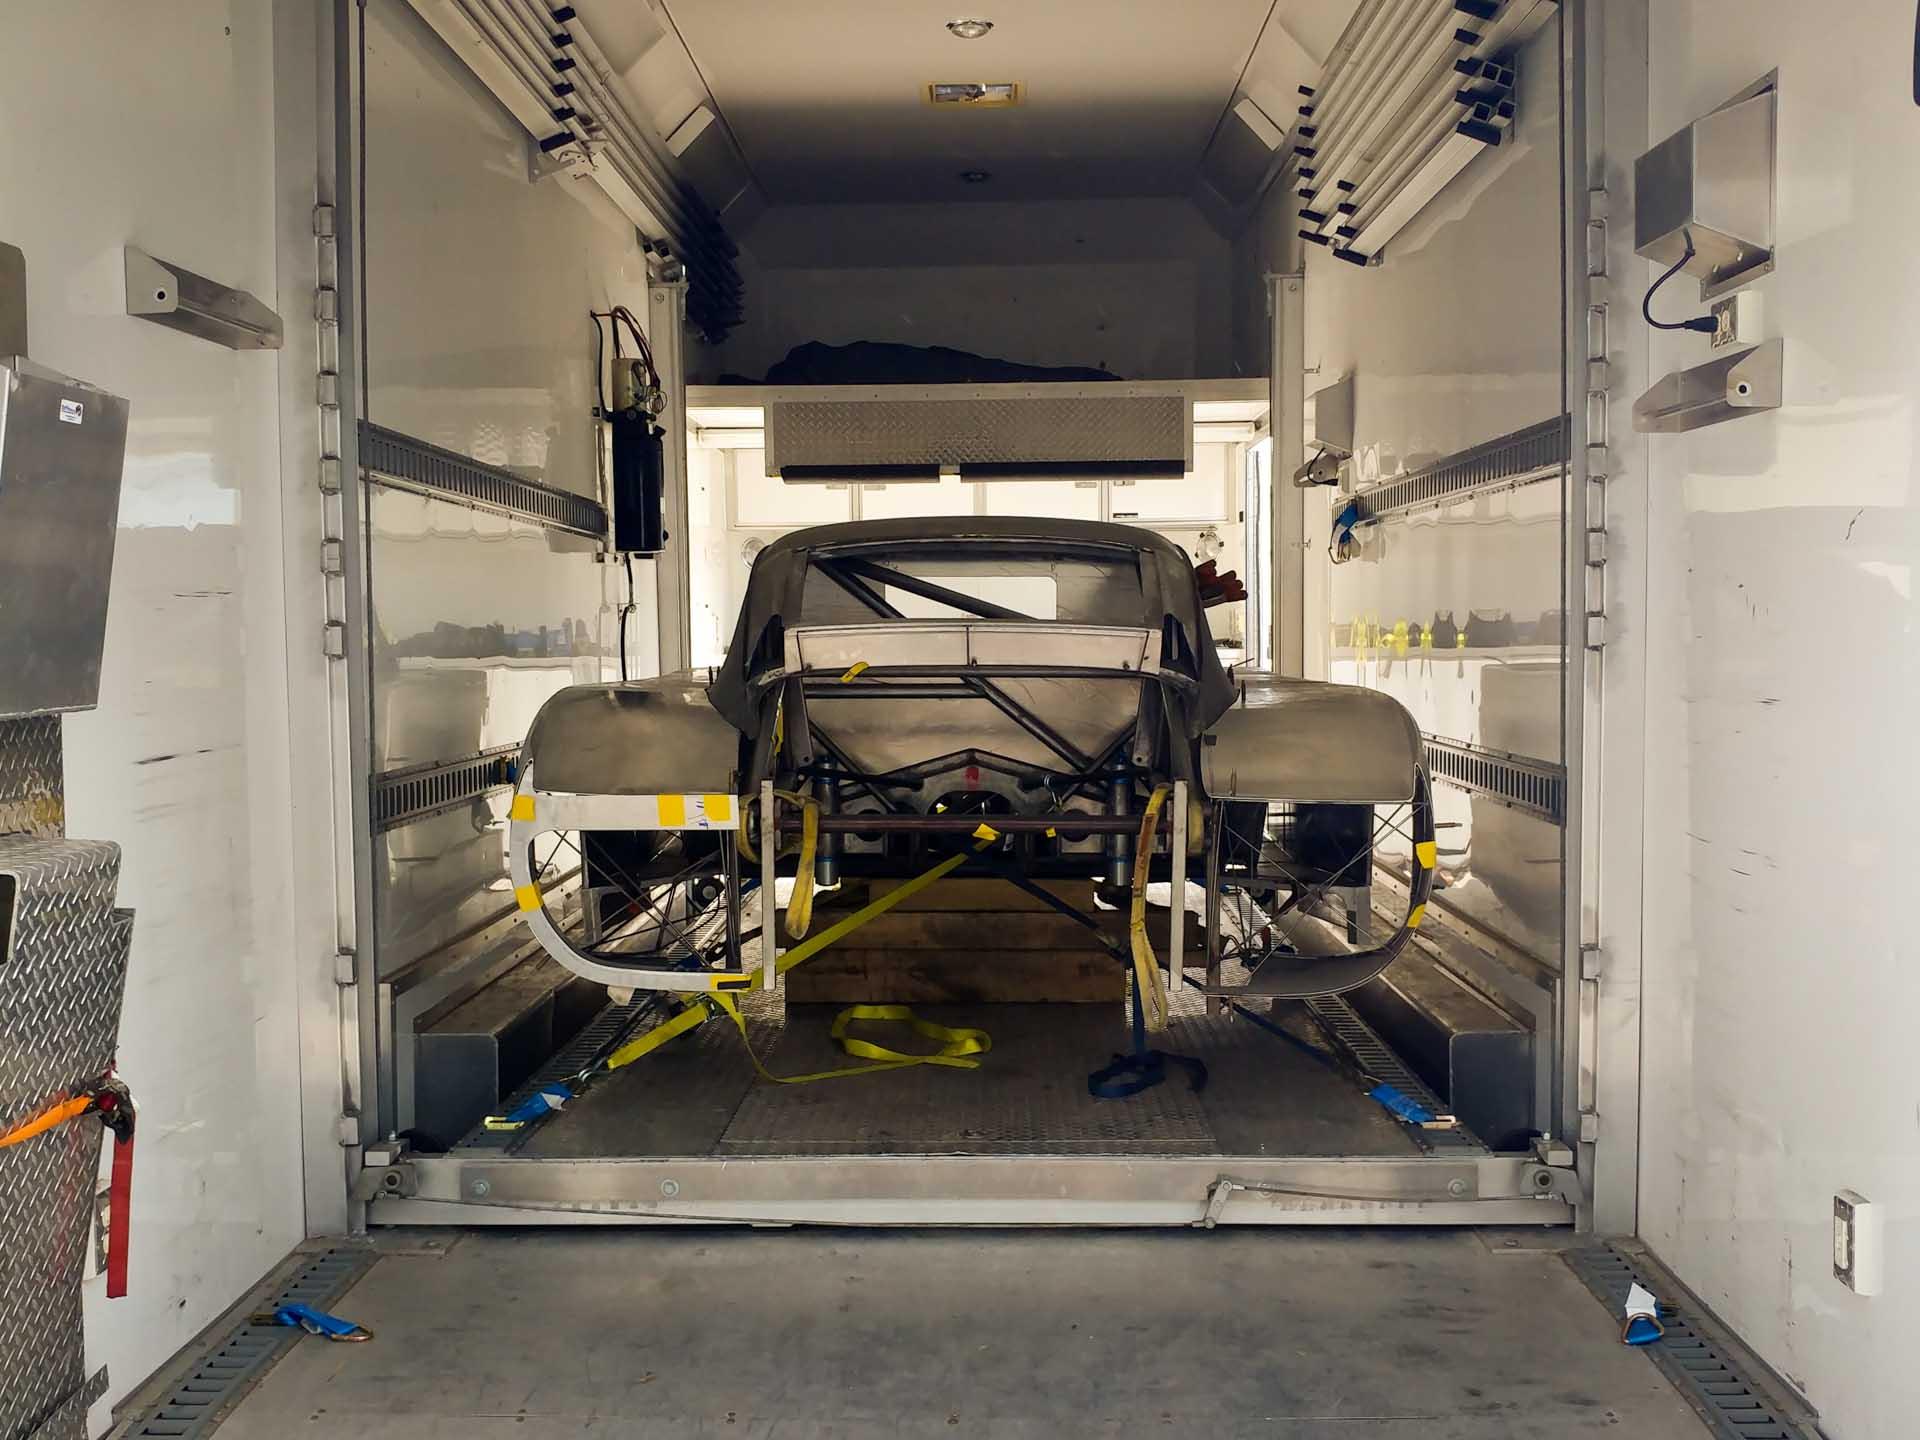 redstone porsche 935 fabrication in trailer